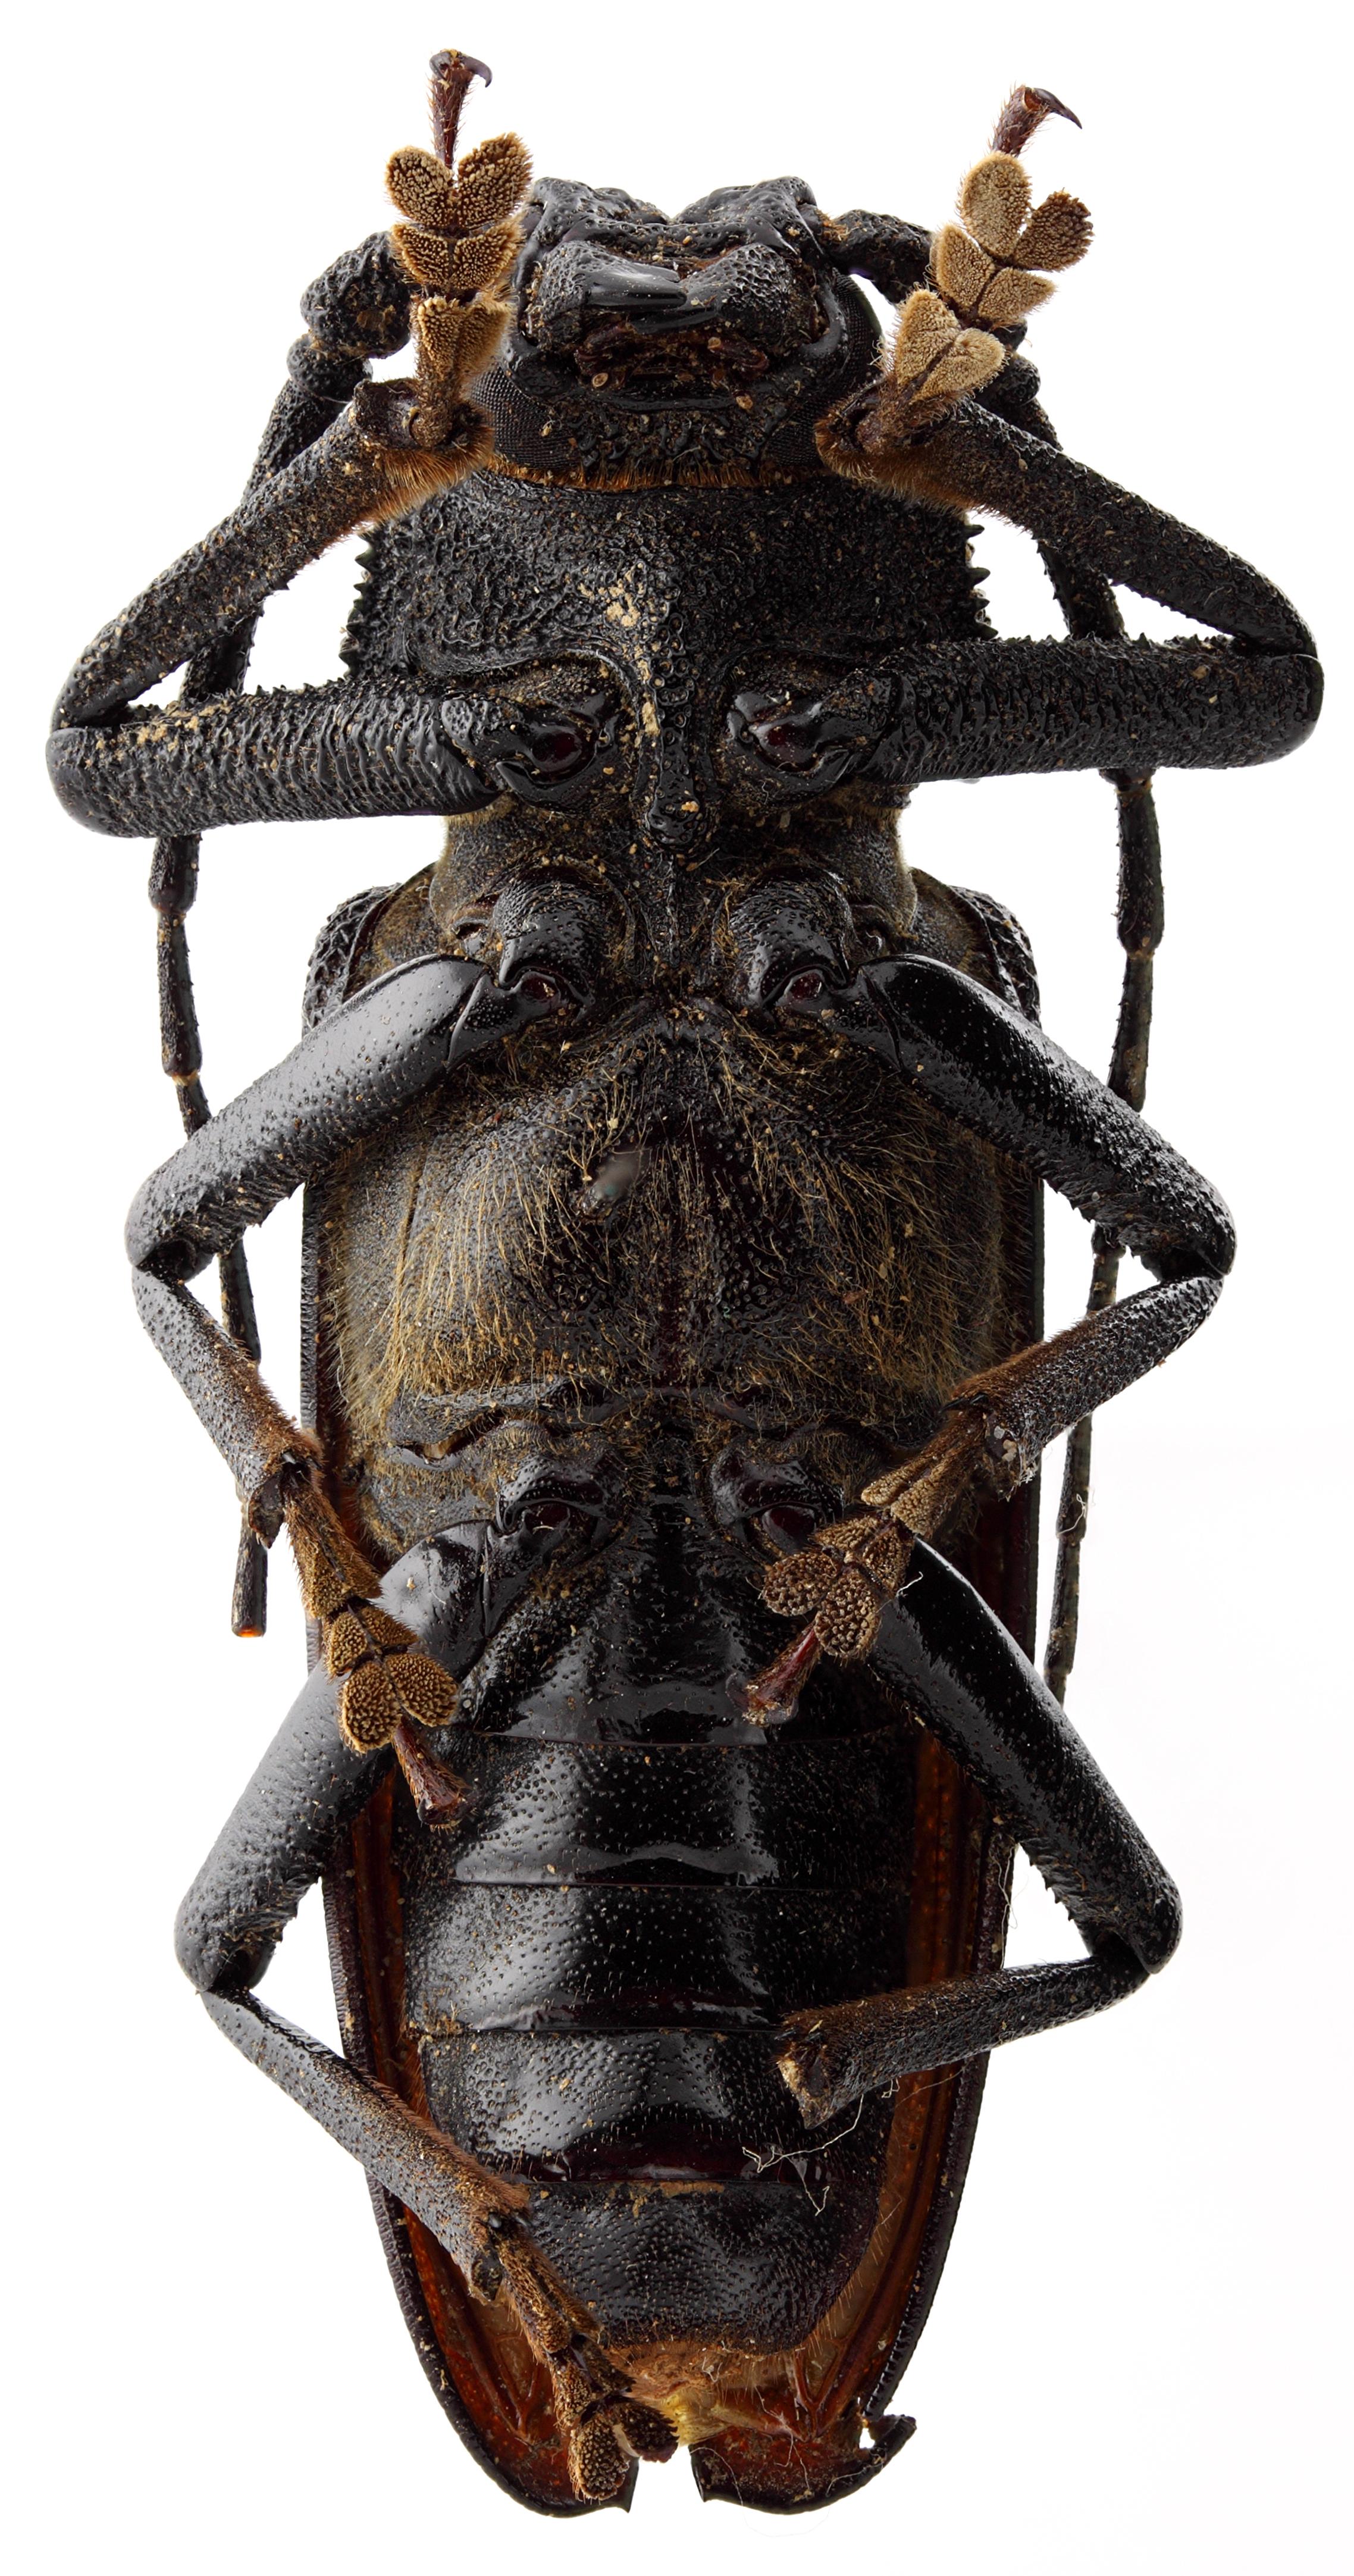 Macrotoma cariosa 05 SP PAR M 050 BRUS 201405.JPG